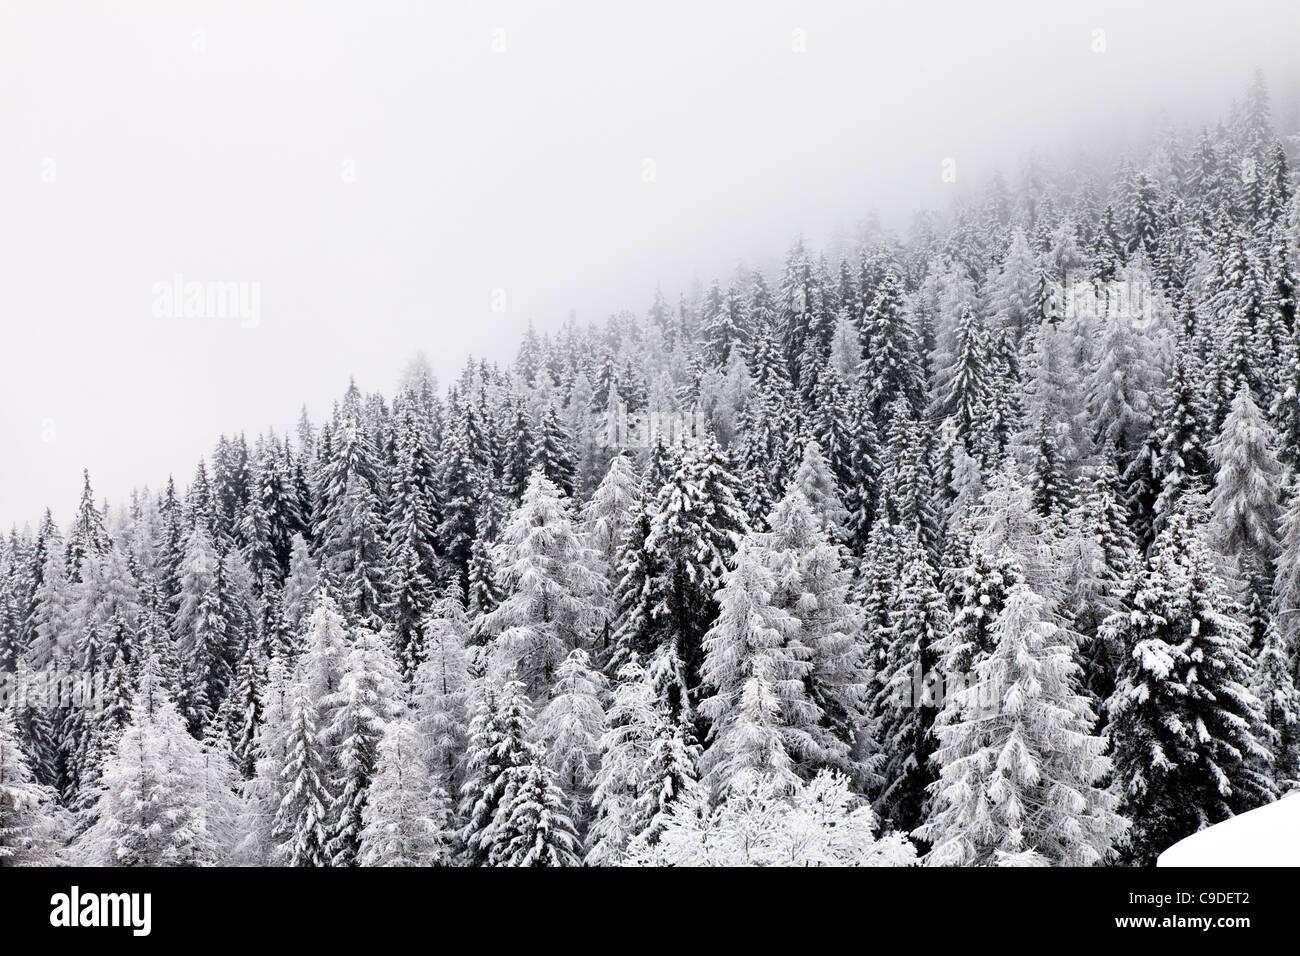 Coperta Di Neve Di Pini Su Pendio Con Nebbia In Bianco E Nero Foto